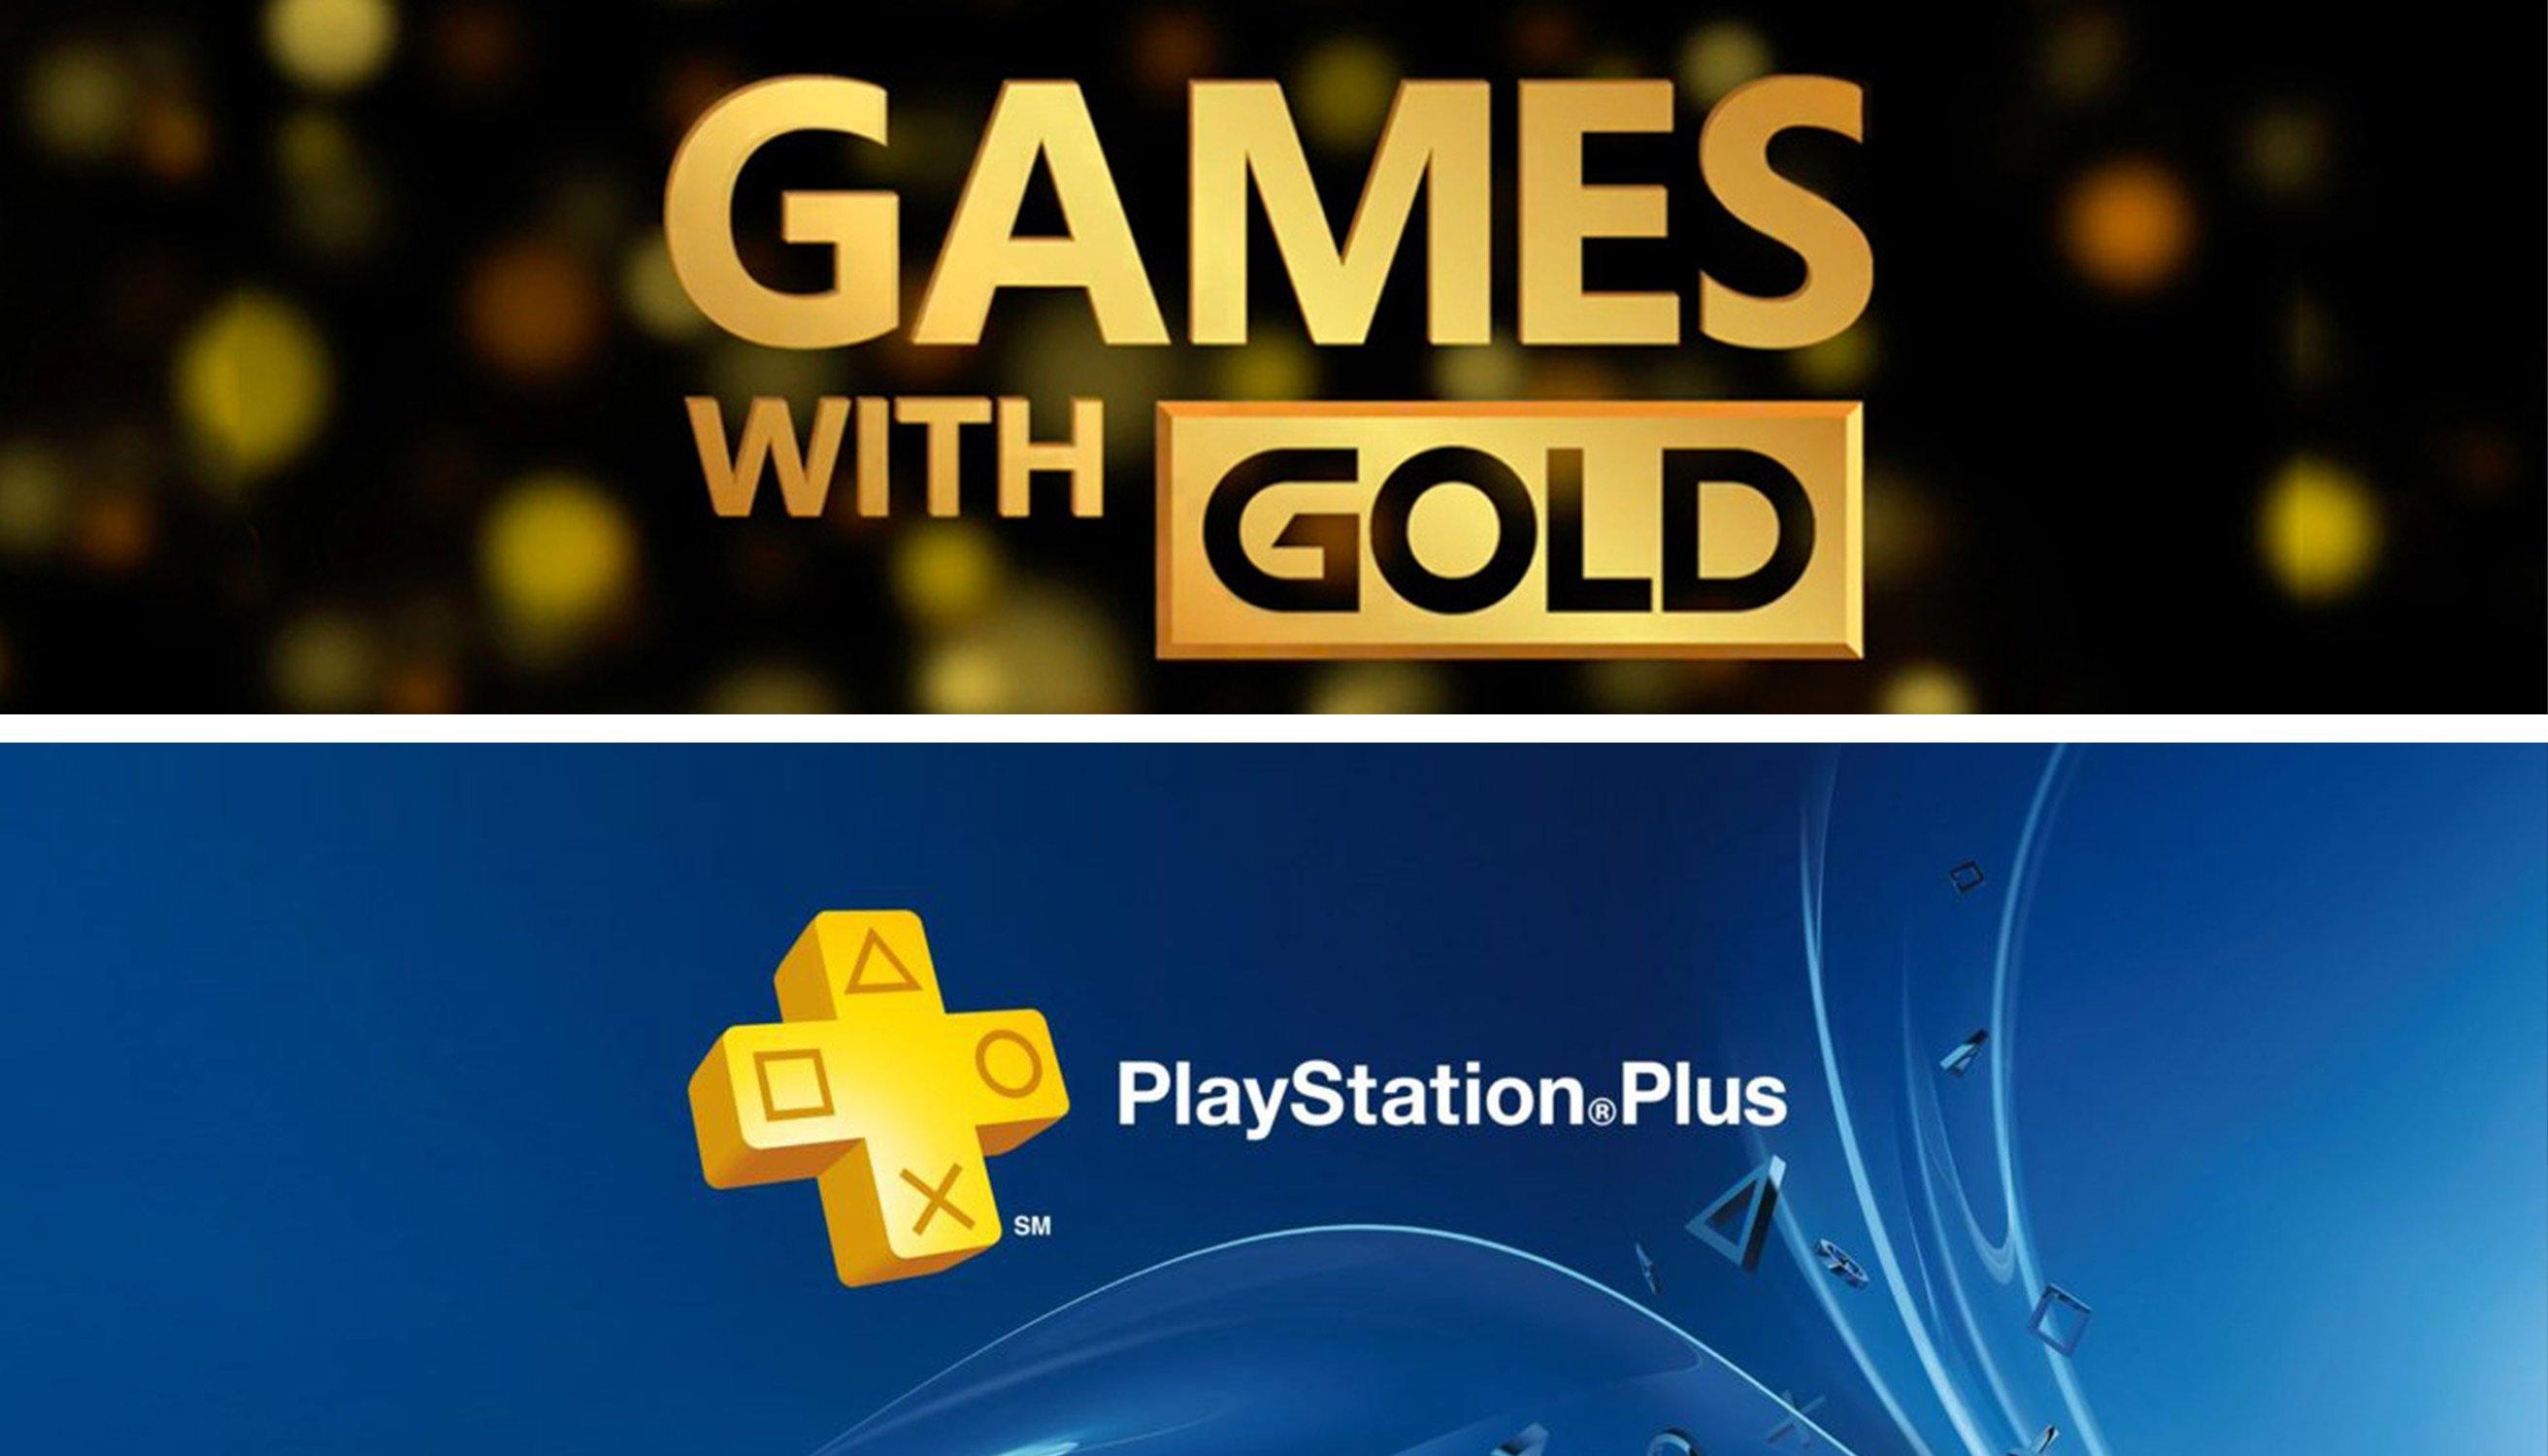 PlayStation Plus vs Games with Gold - co wypadło w tym miesiącu lepiej? [ANKIETA] 16